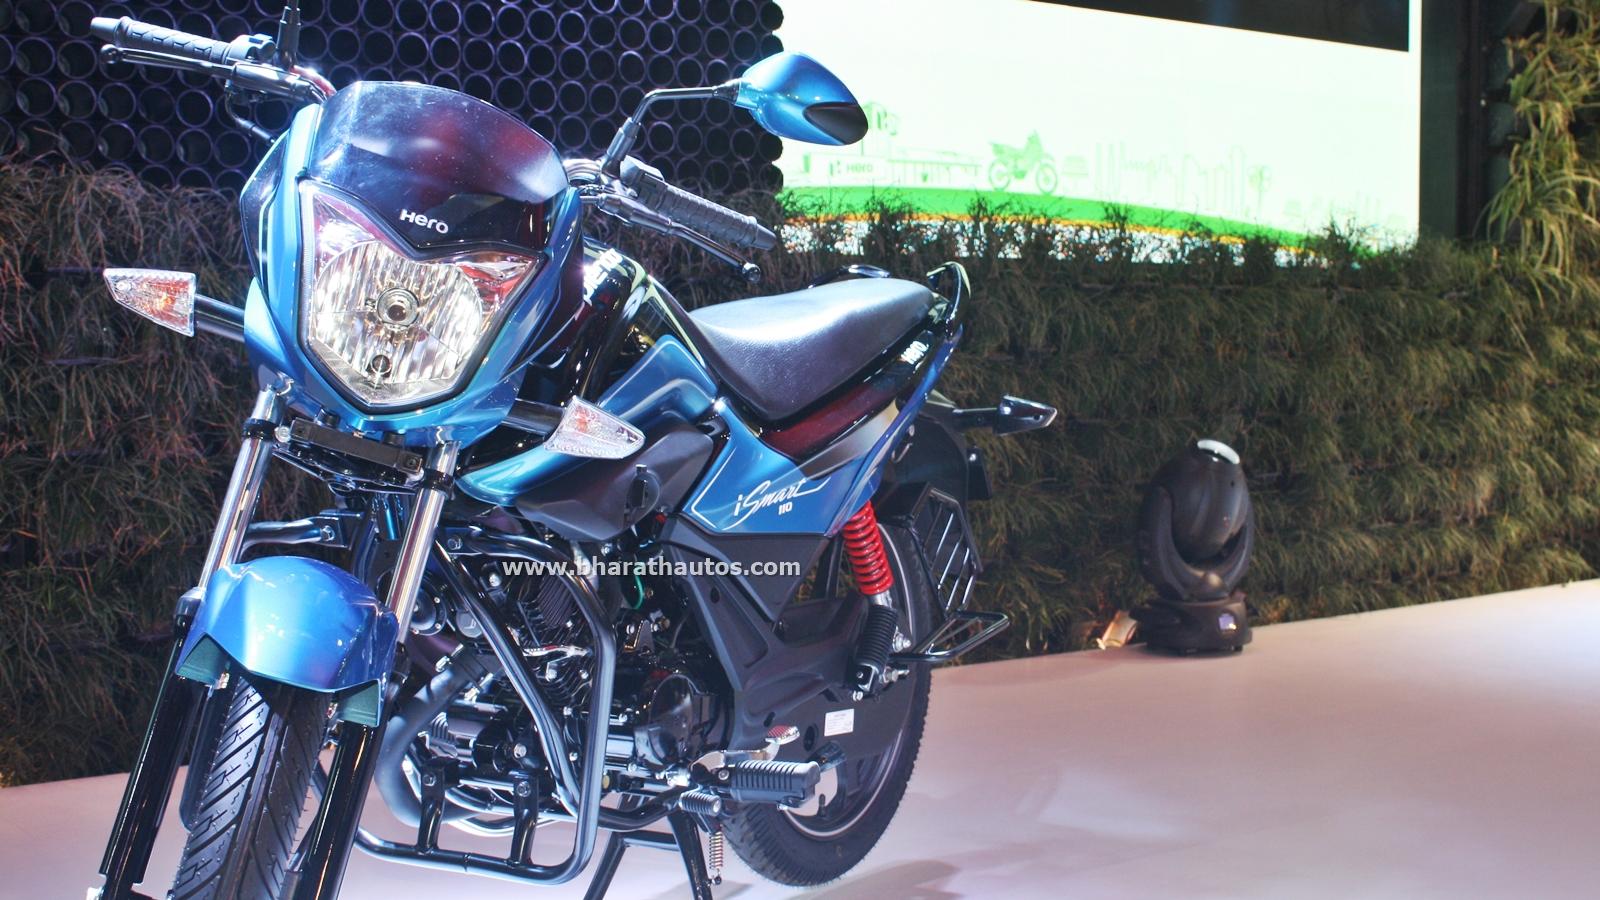 All New Hero Splendor Ismart 110 At 13th Auto Expo 2016 Honda Bikes India